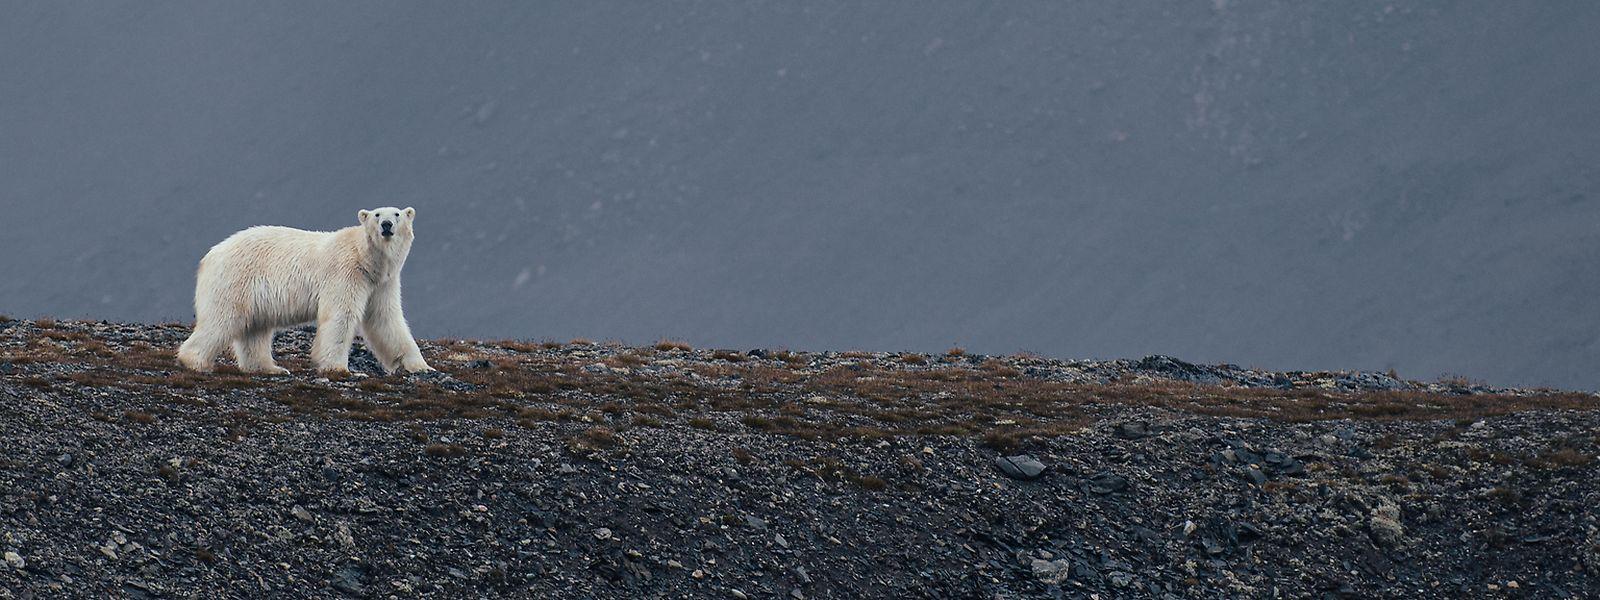 Rund 3000 Polarbären bevölkern das Svalbard-Archipel. Doch die Herrscher der Arktis sind bedroht.